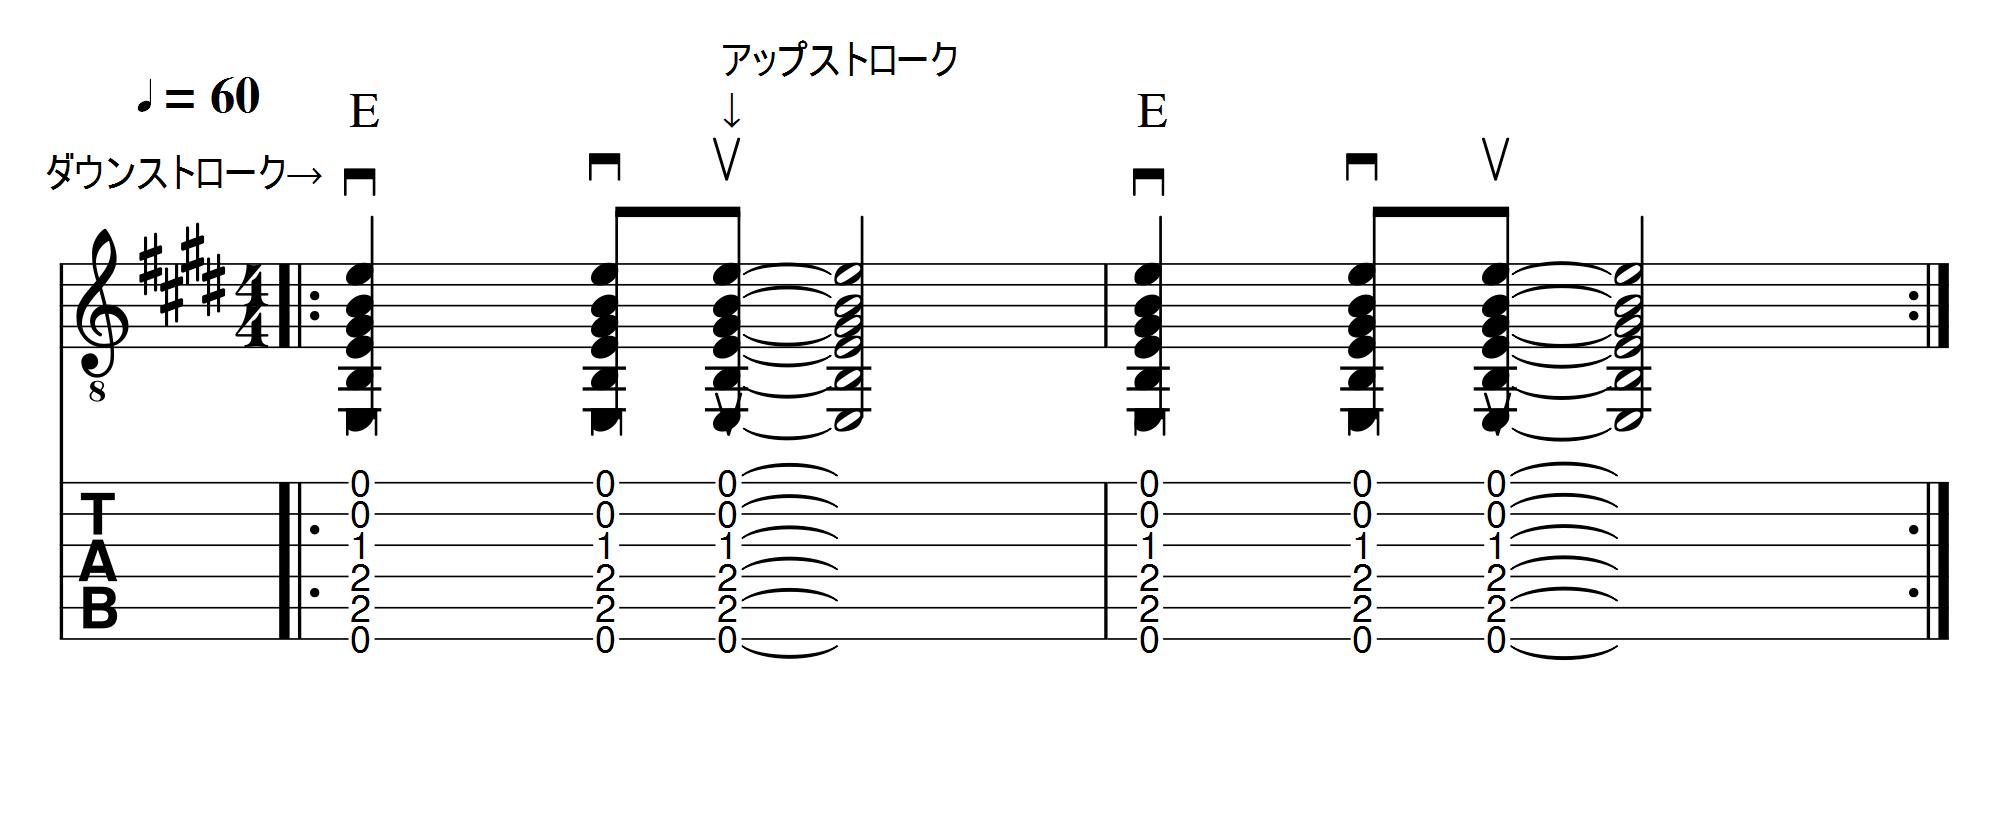 stroke2-1